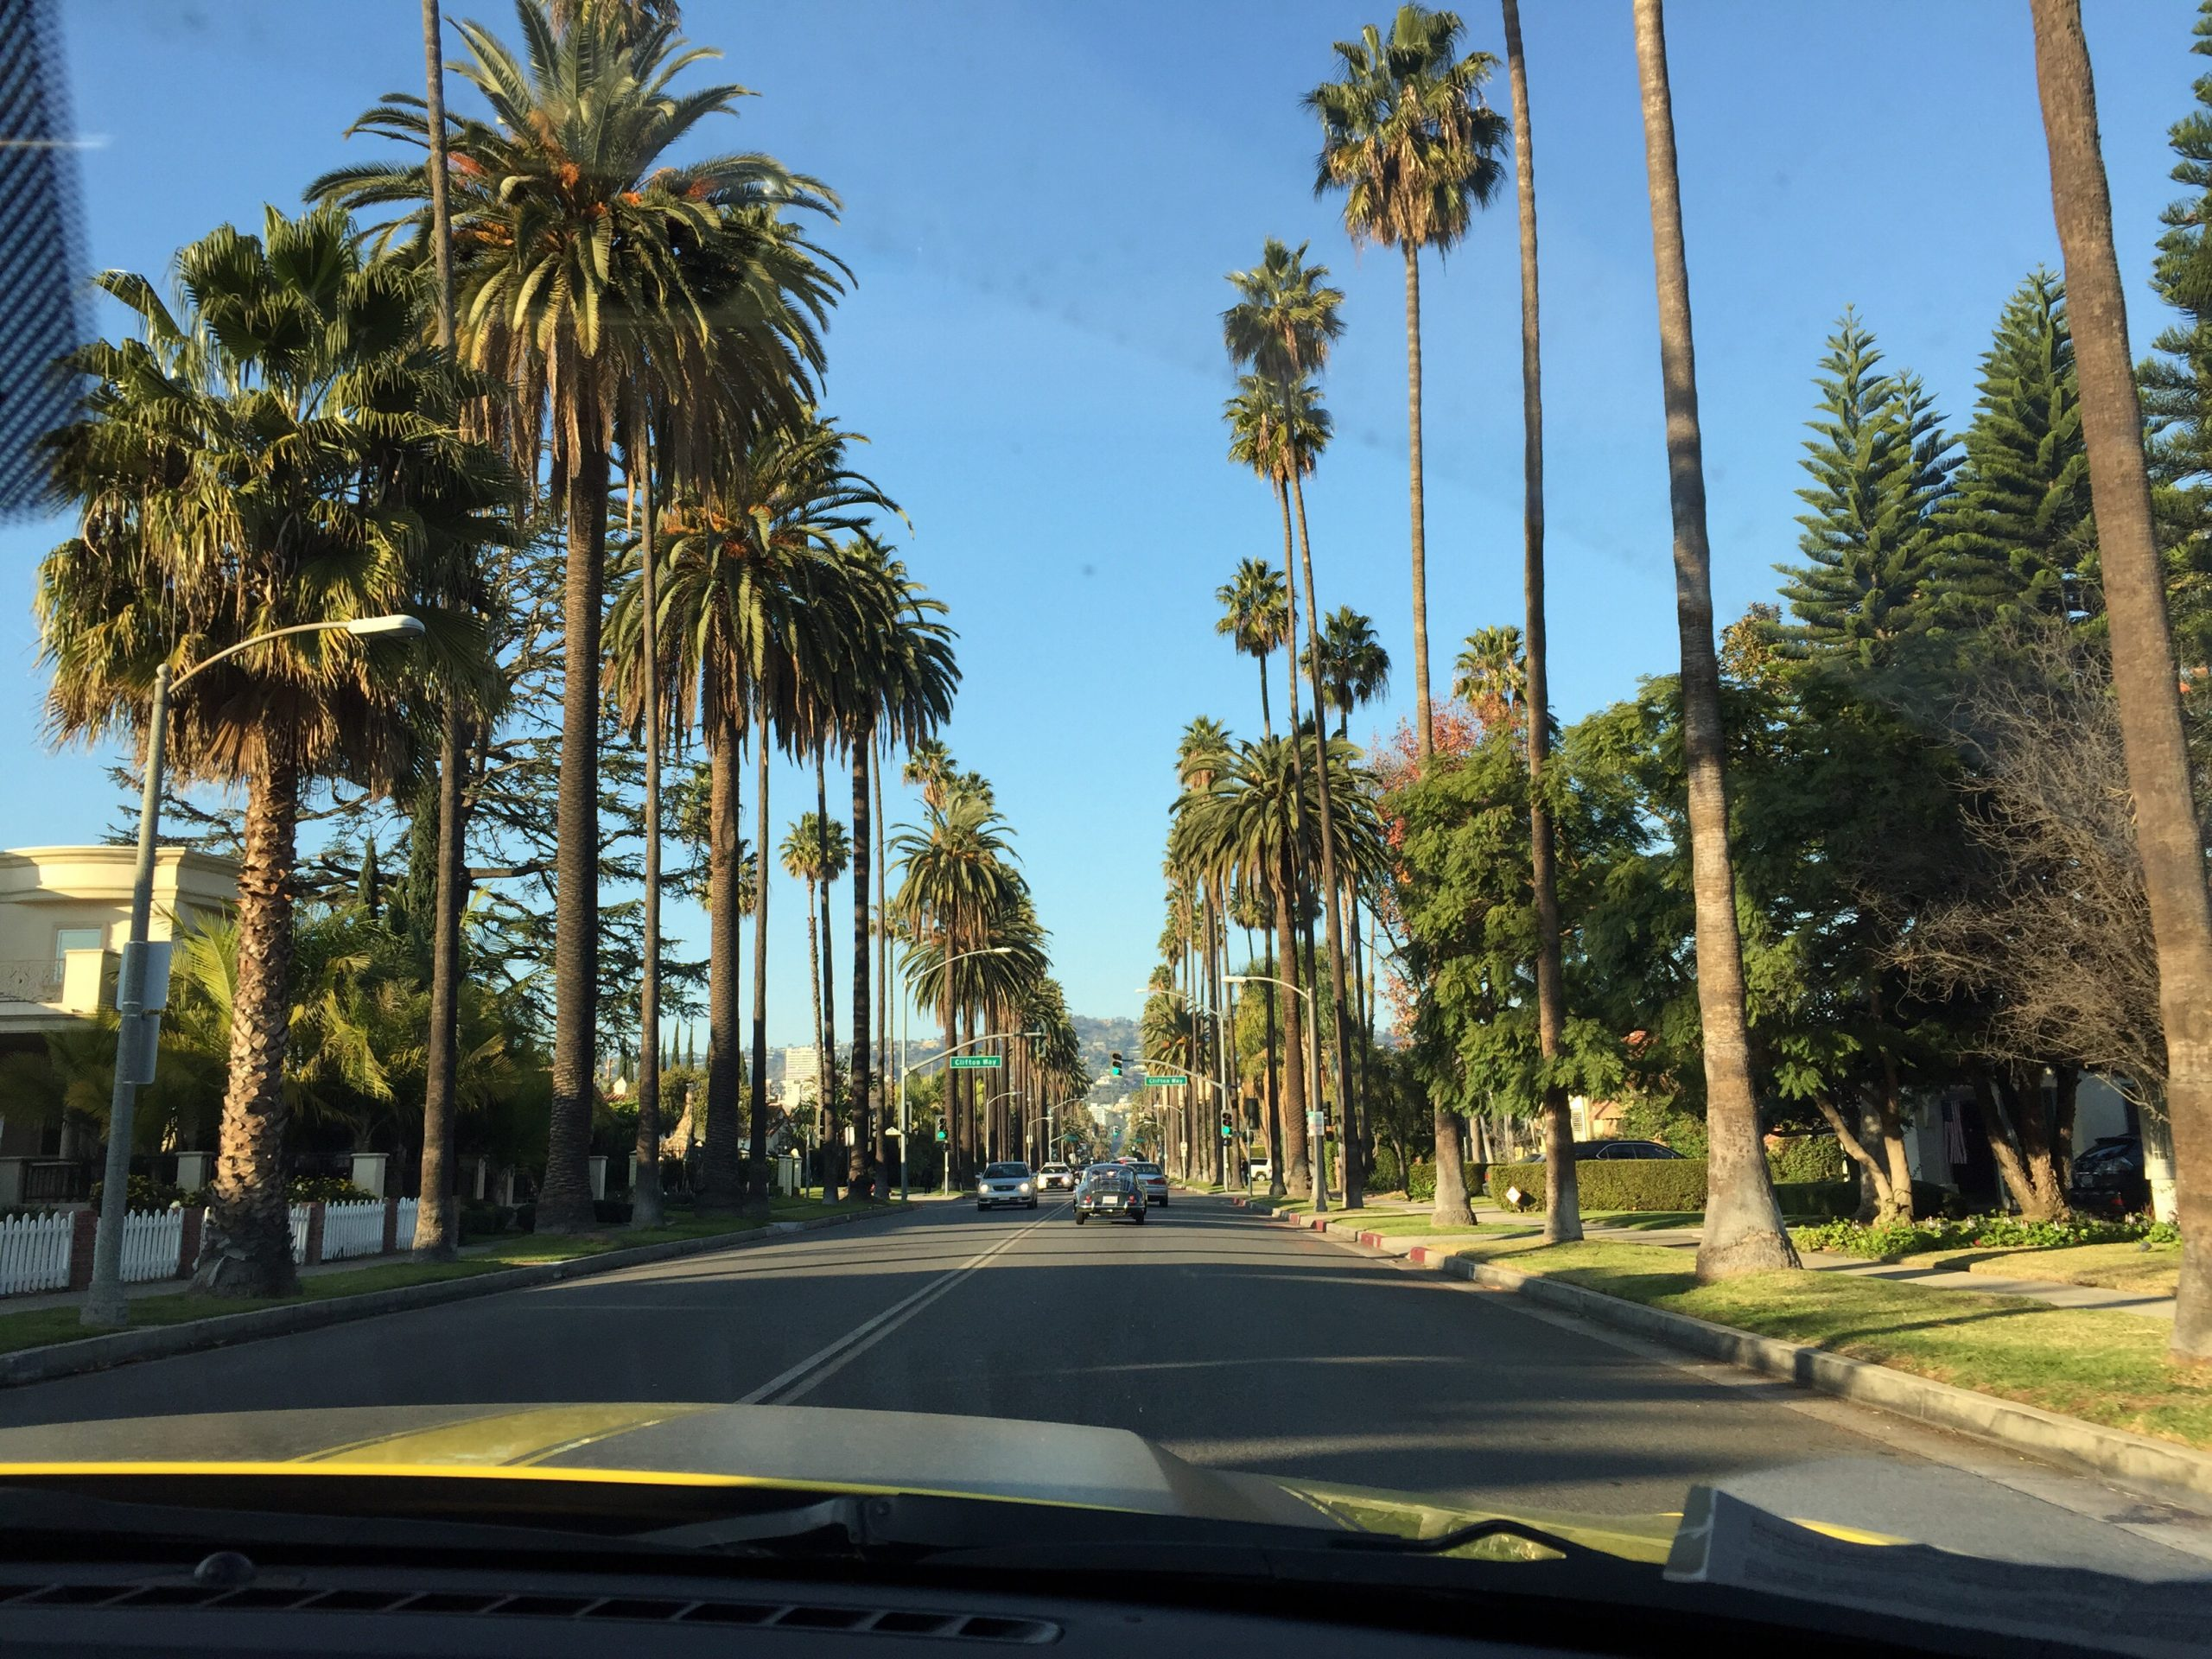 L.A., CA